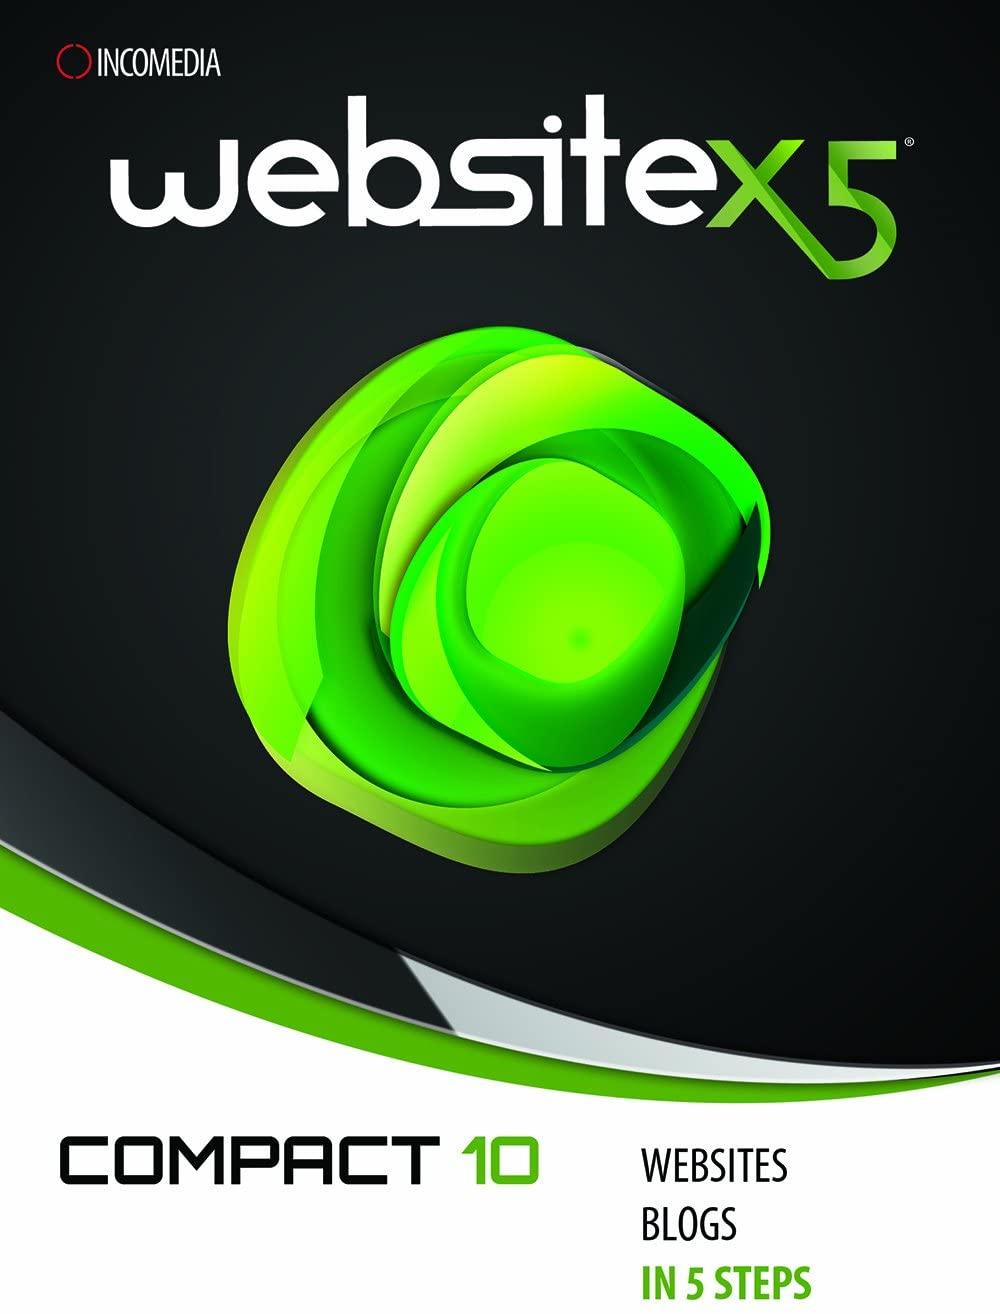 WebSite X5 Compact 10 [Download]